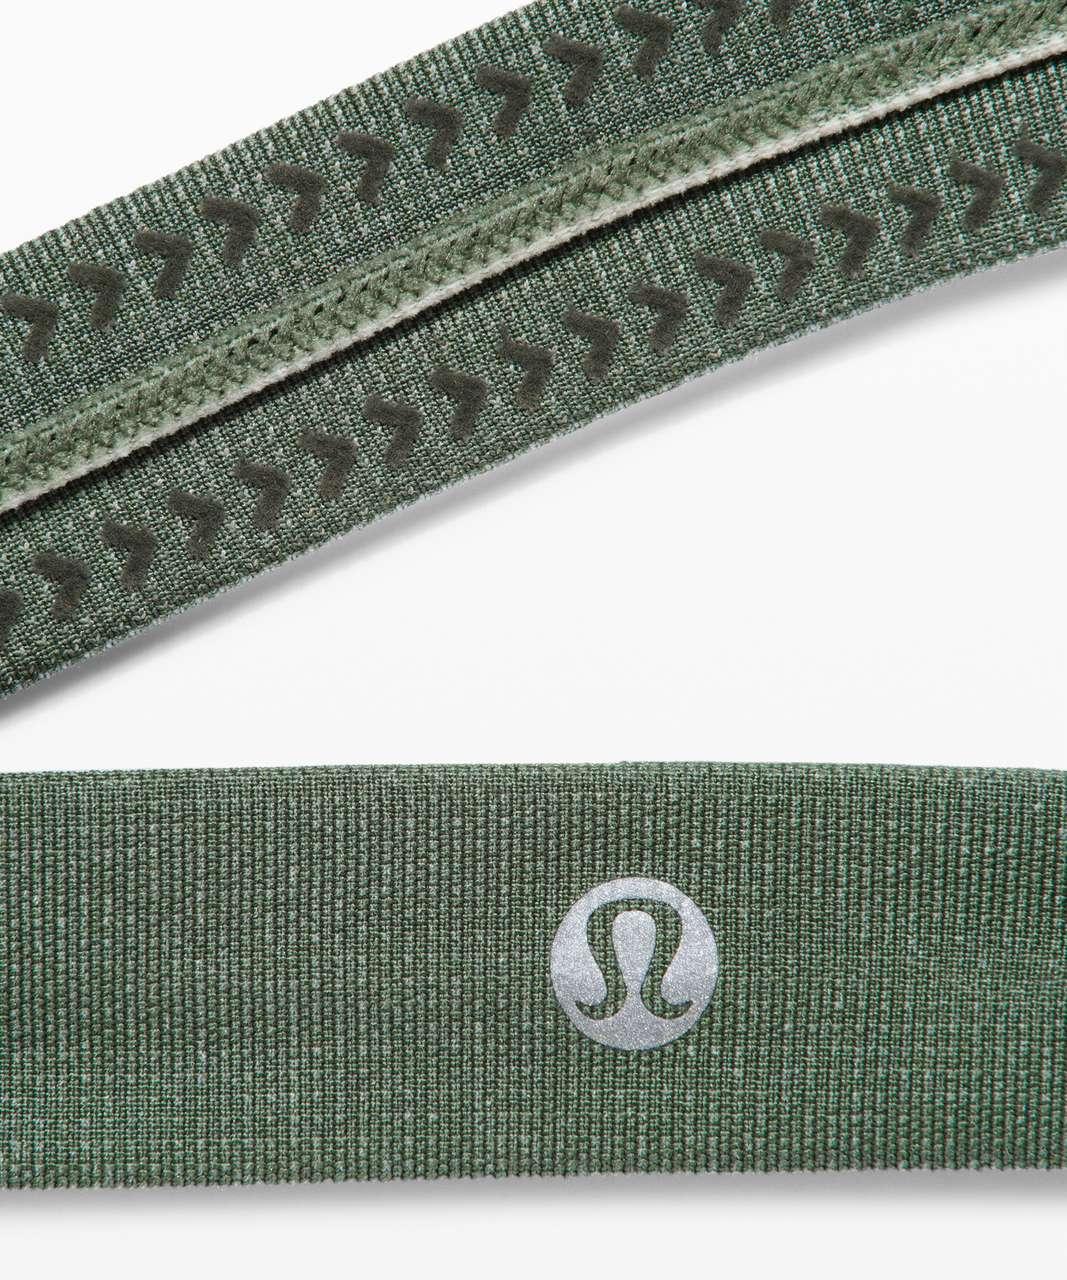 Lululemon Cardio Cross Trainer Headband - Algae Green / Springtime